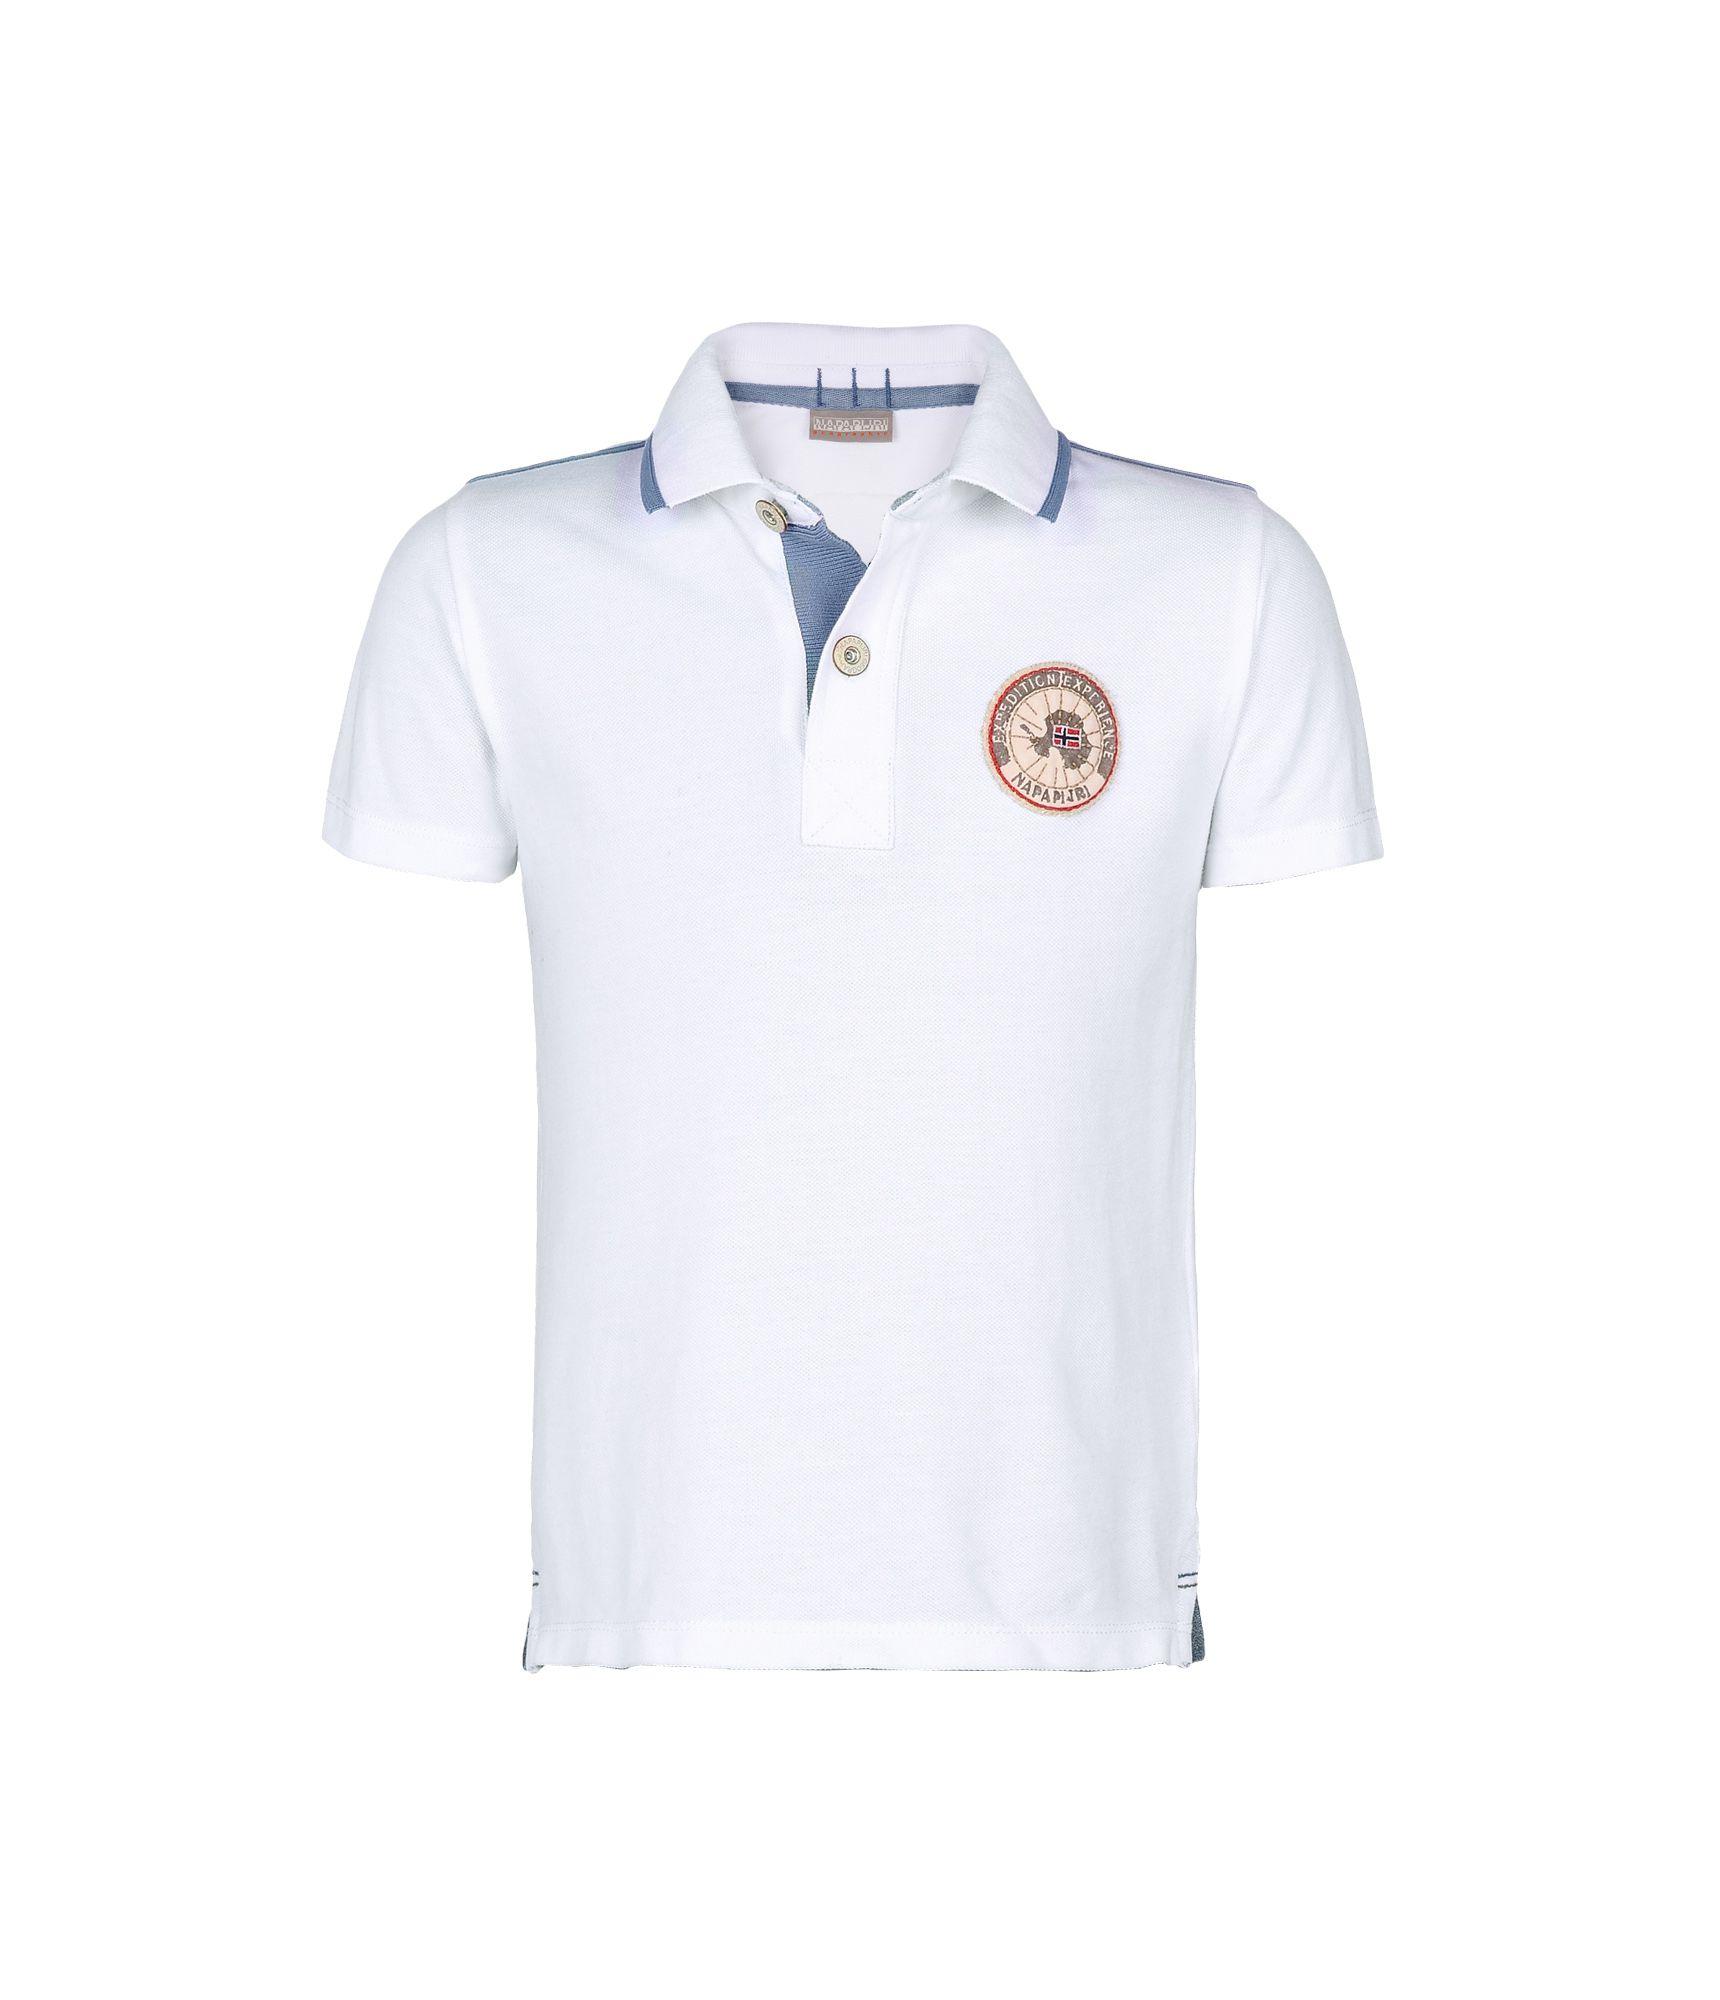 Artikel klicken und genauer betrachten! - Polo-Shirt mit kurzen Ärmeln 2Knöpfe Rippenstrickkragen Seitenschlitze Signaturdetails | im Online Shop kaufen